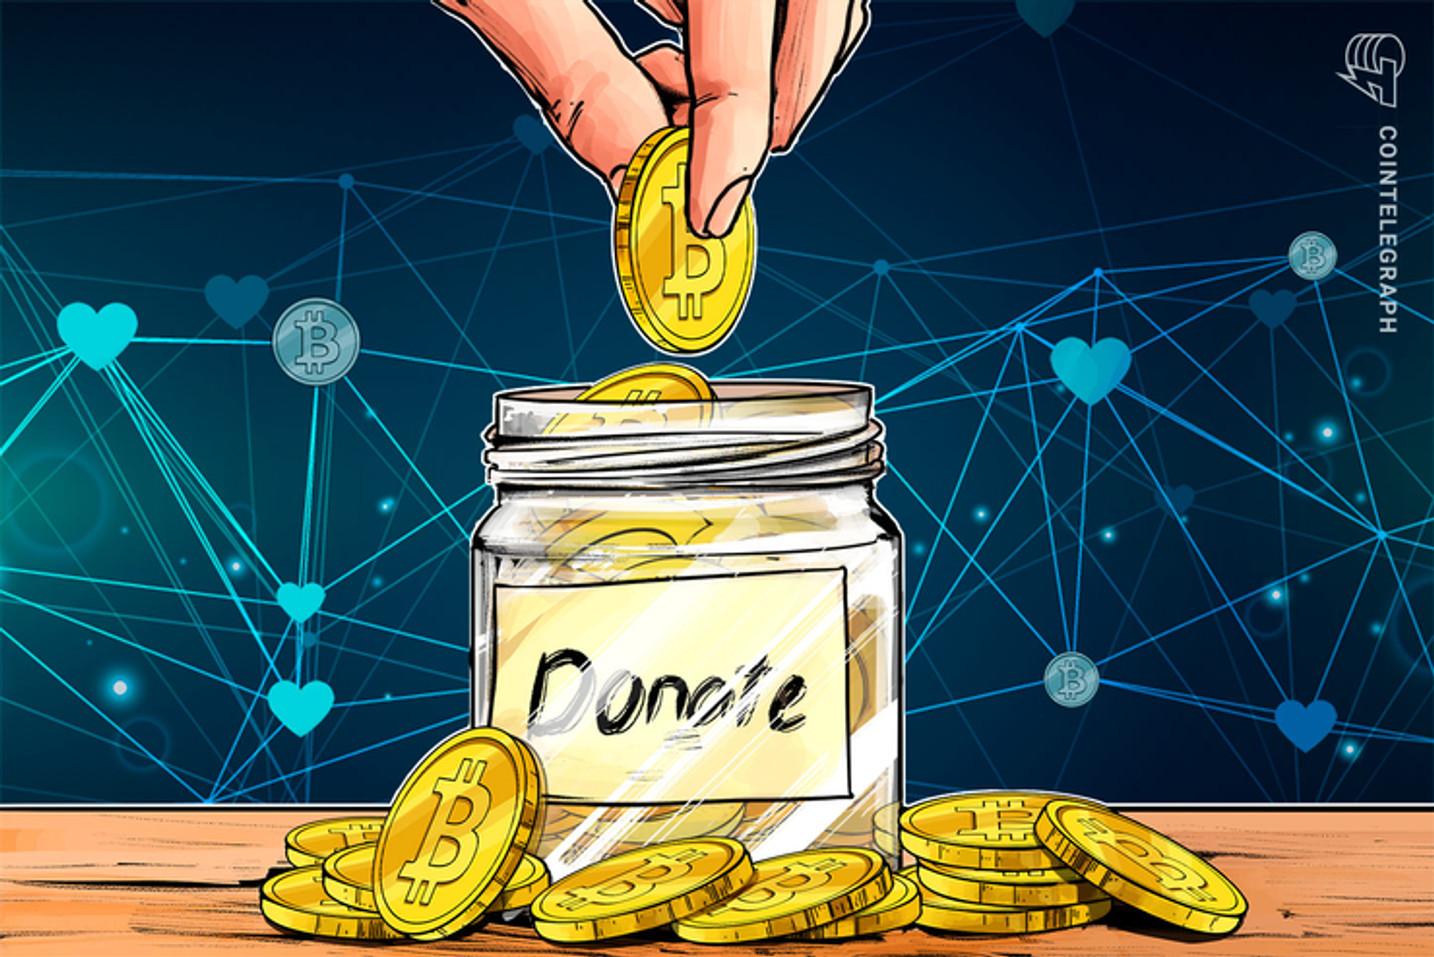 仮想通貨ビットコインで募金可能に、ディーカレットがチャリティに協力【ニュース】